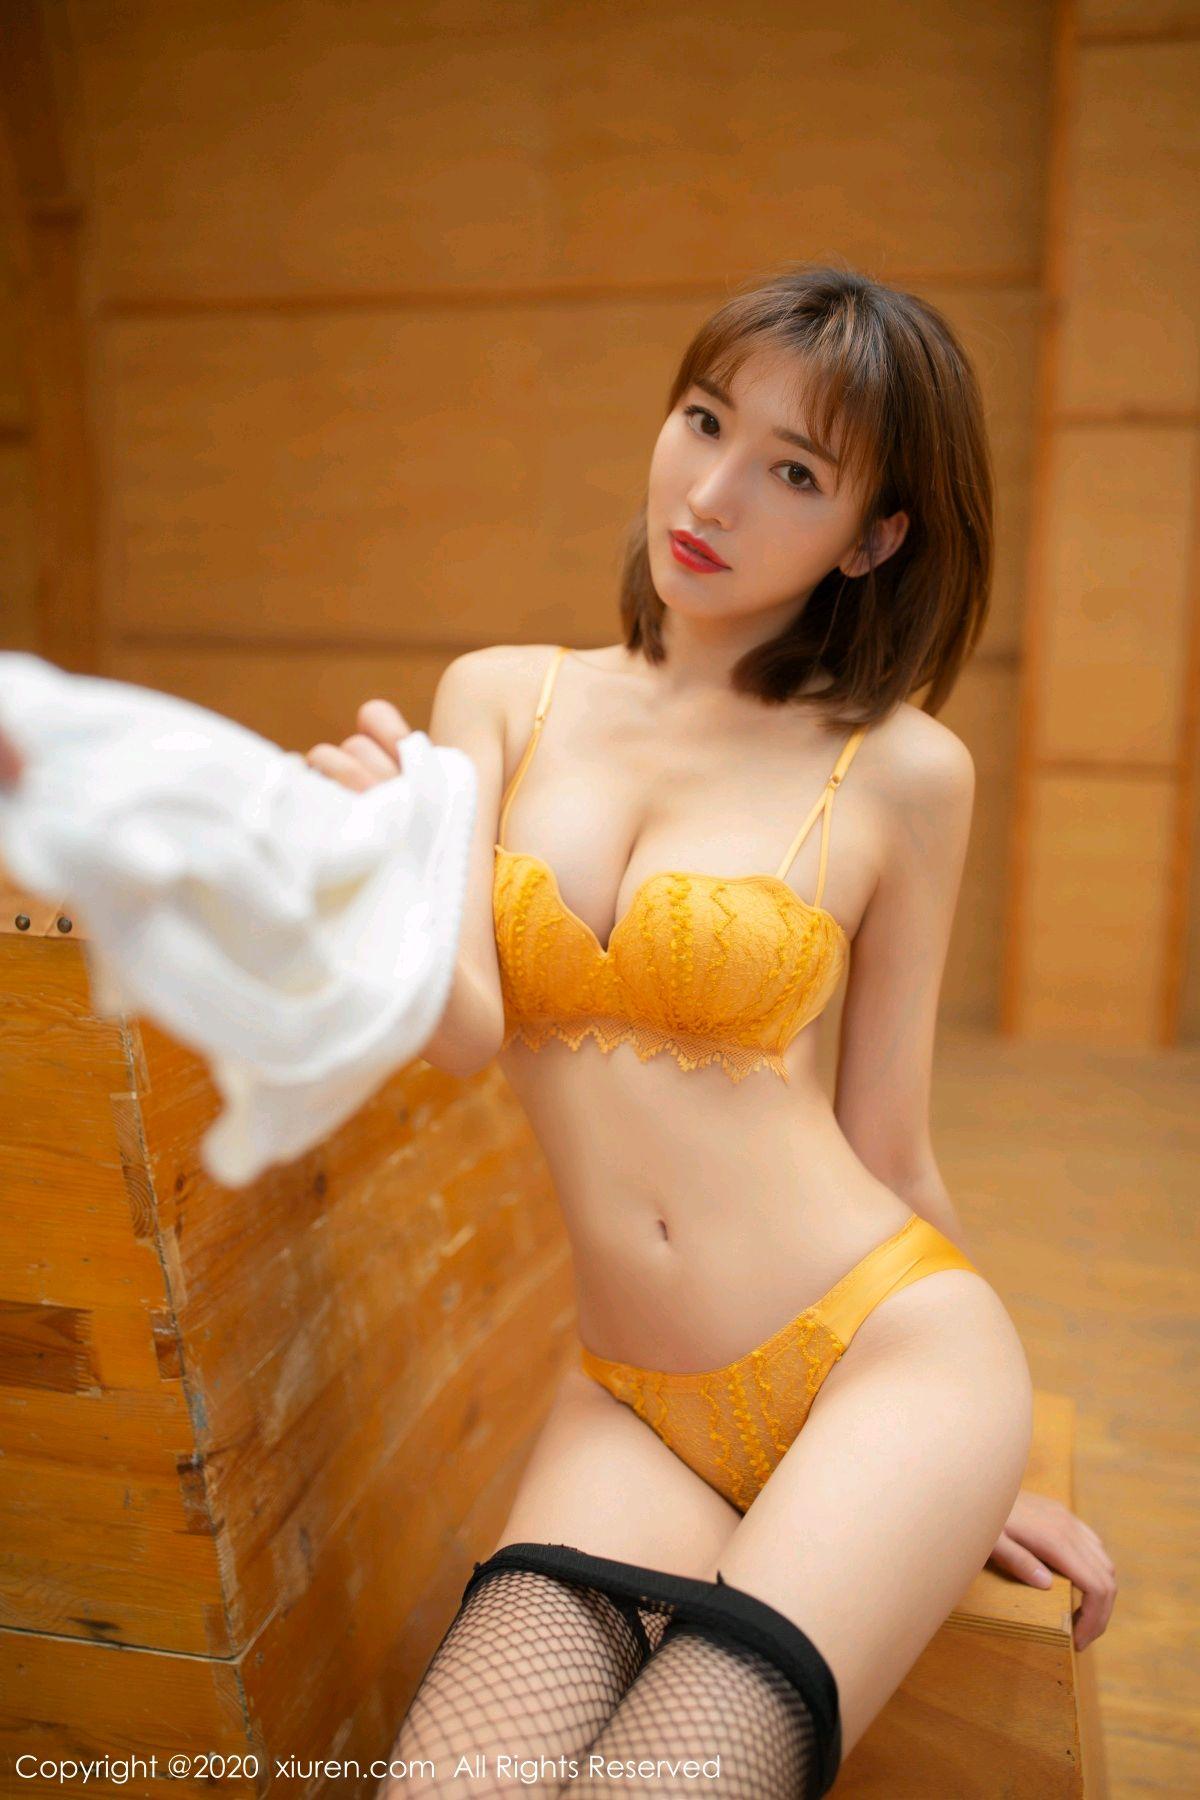 [XiuRen] Vol.1915 Lu Xuan Xuan 63P, Basketball Baby, Lu Xuan Xuan, Underwear, Xiuren